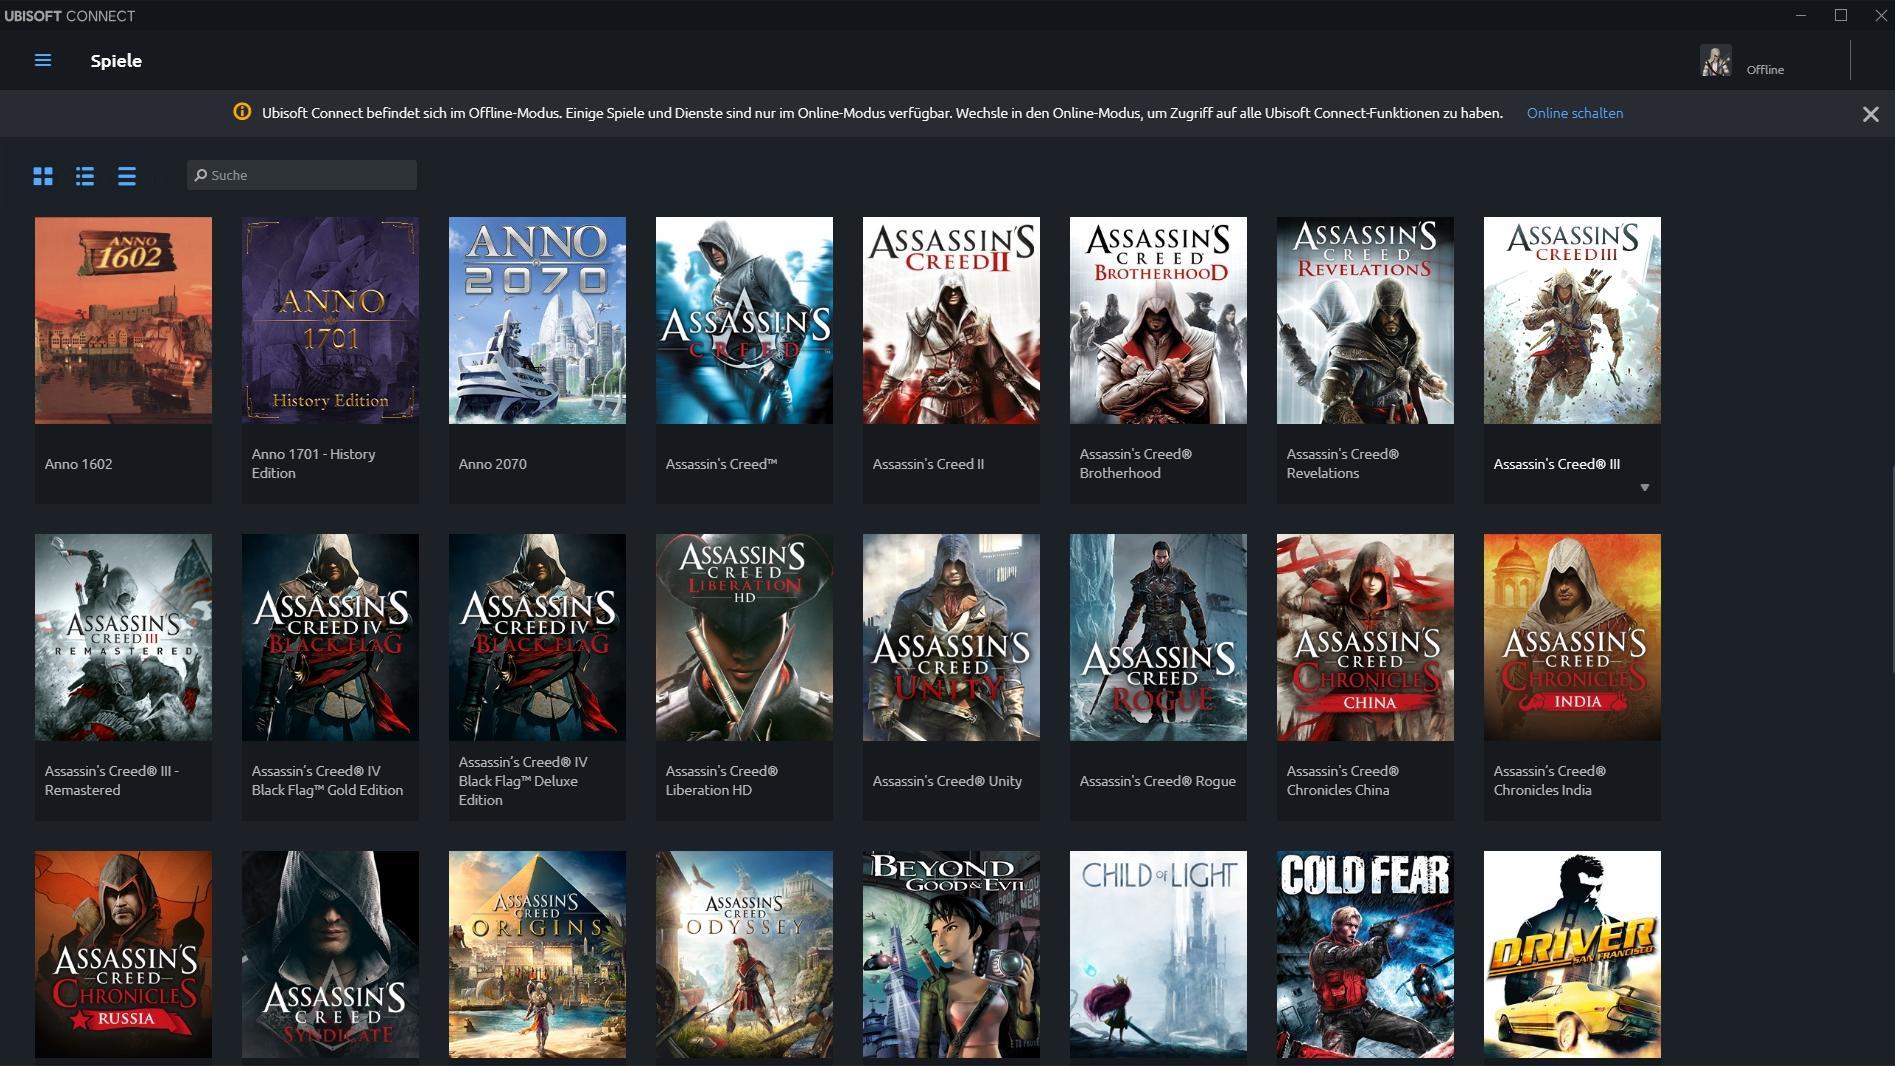 Dienst nicht verfügbar: Ubisoft Connect (Uplay) im Offline-Modus